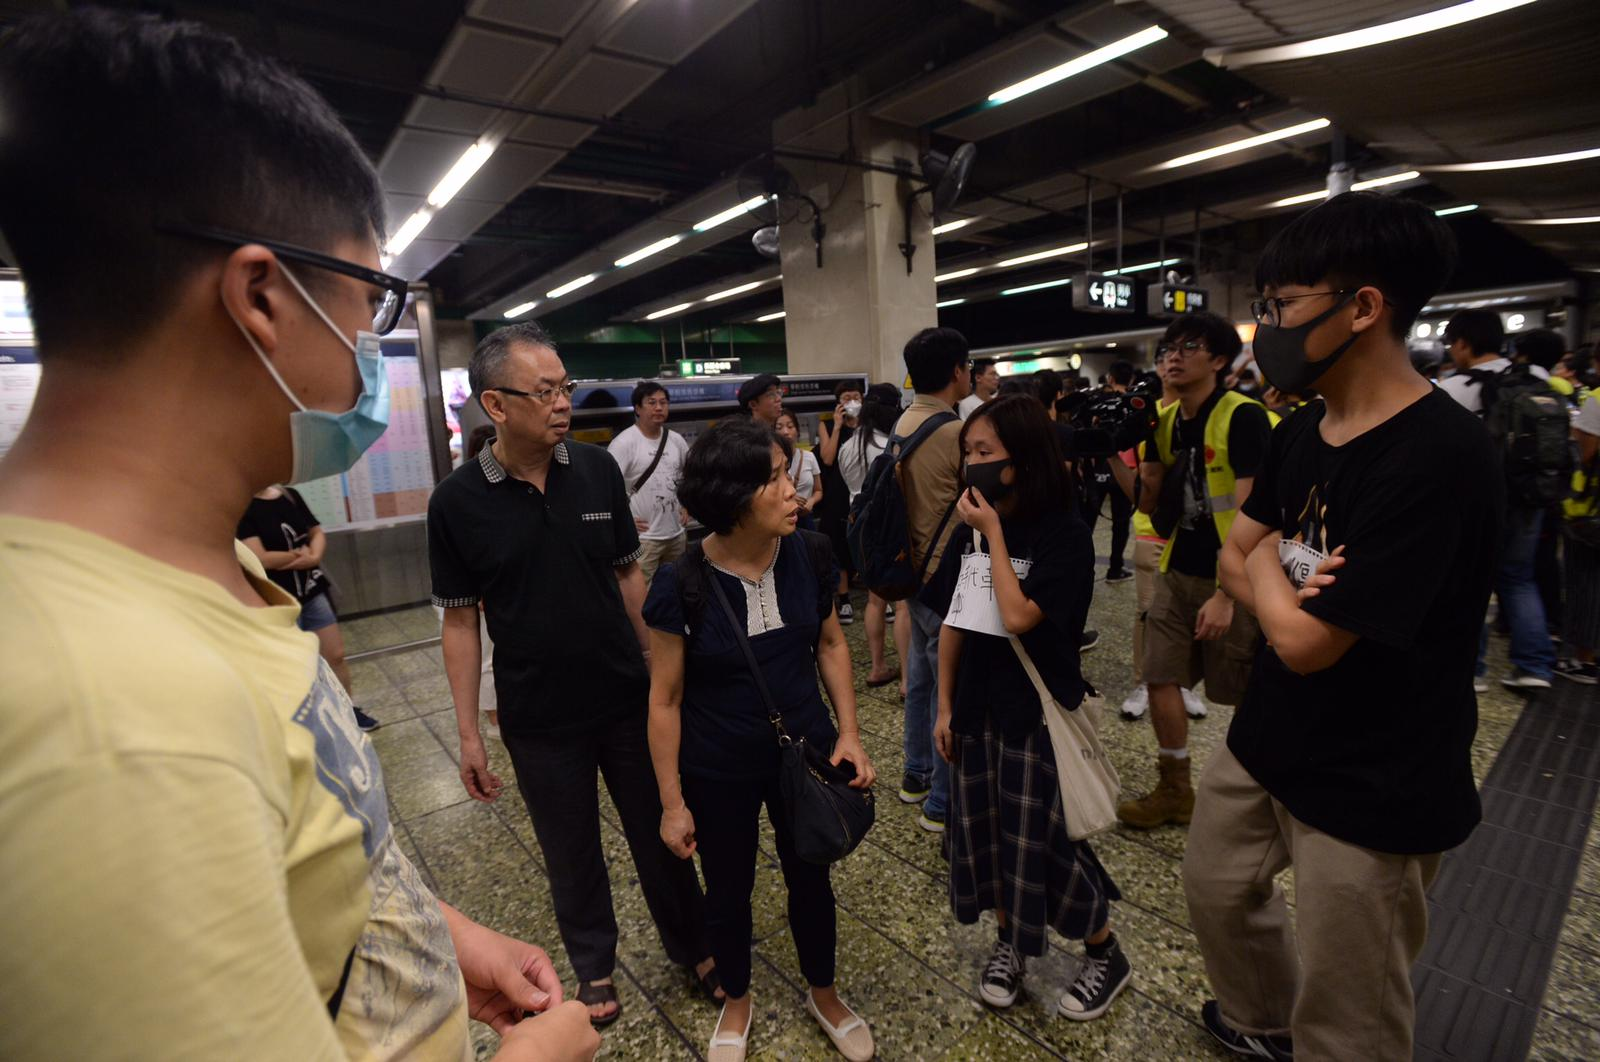 【葵芳站落閘】市民湧入站內叫囂職員報警 至晚上11時終關閉全部出入口